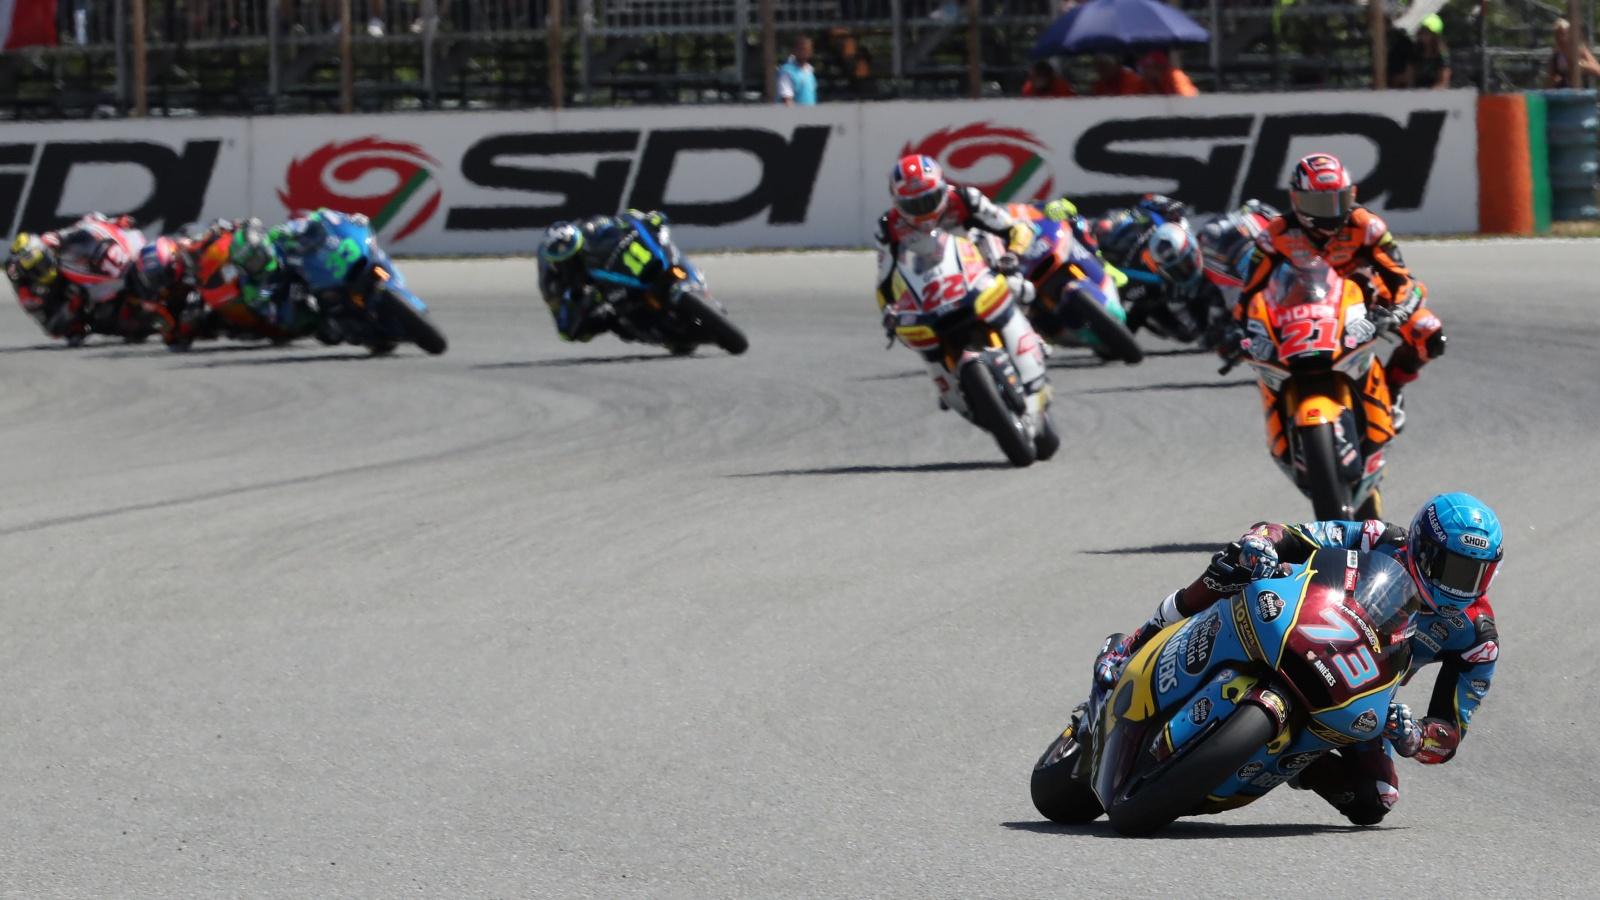 Desaparecen tres equipos en MotoGP 2020: Moto2 pierde dos motos y Moto3 las gana